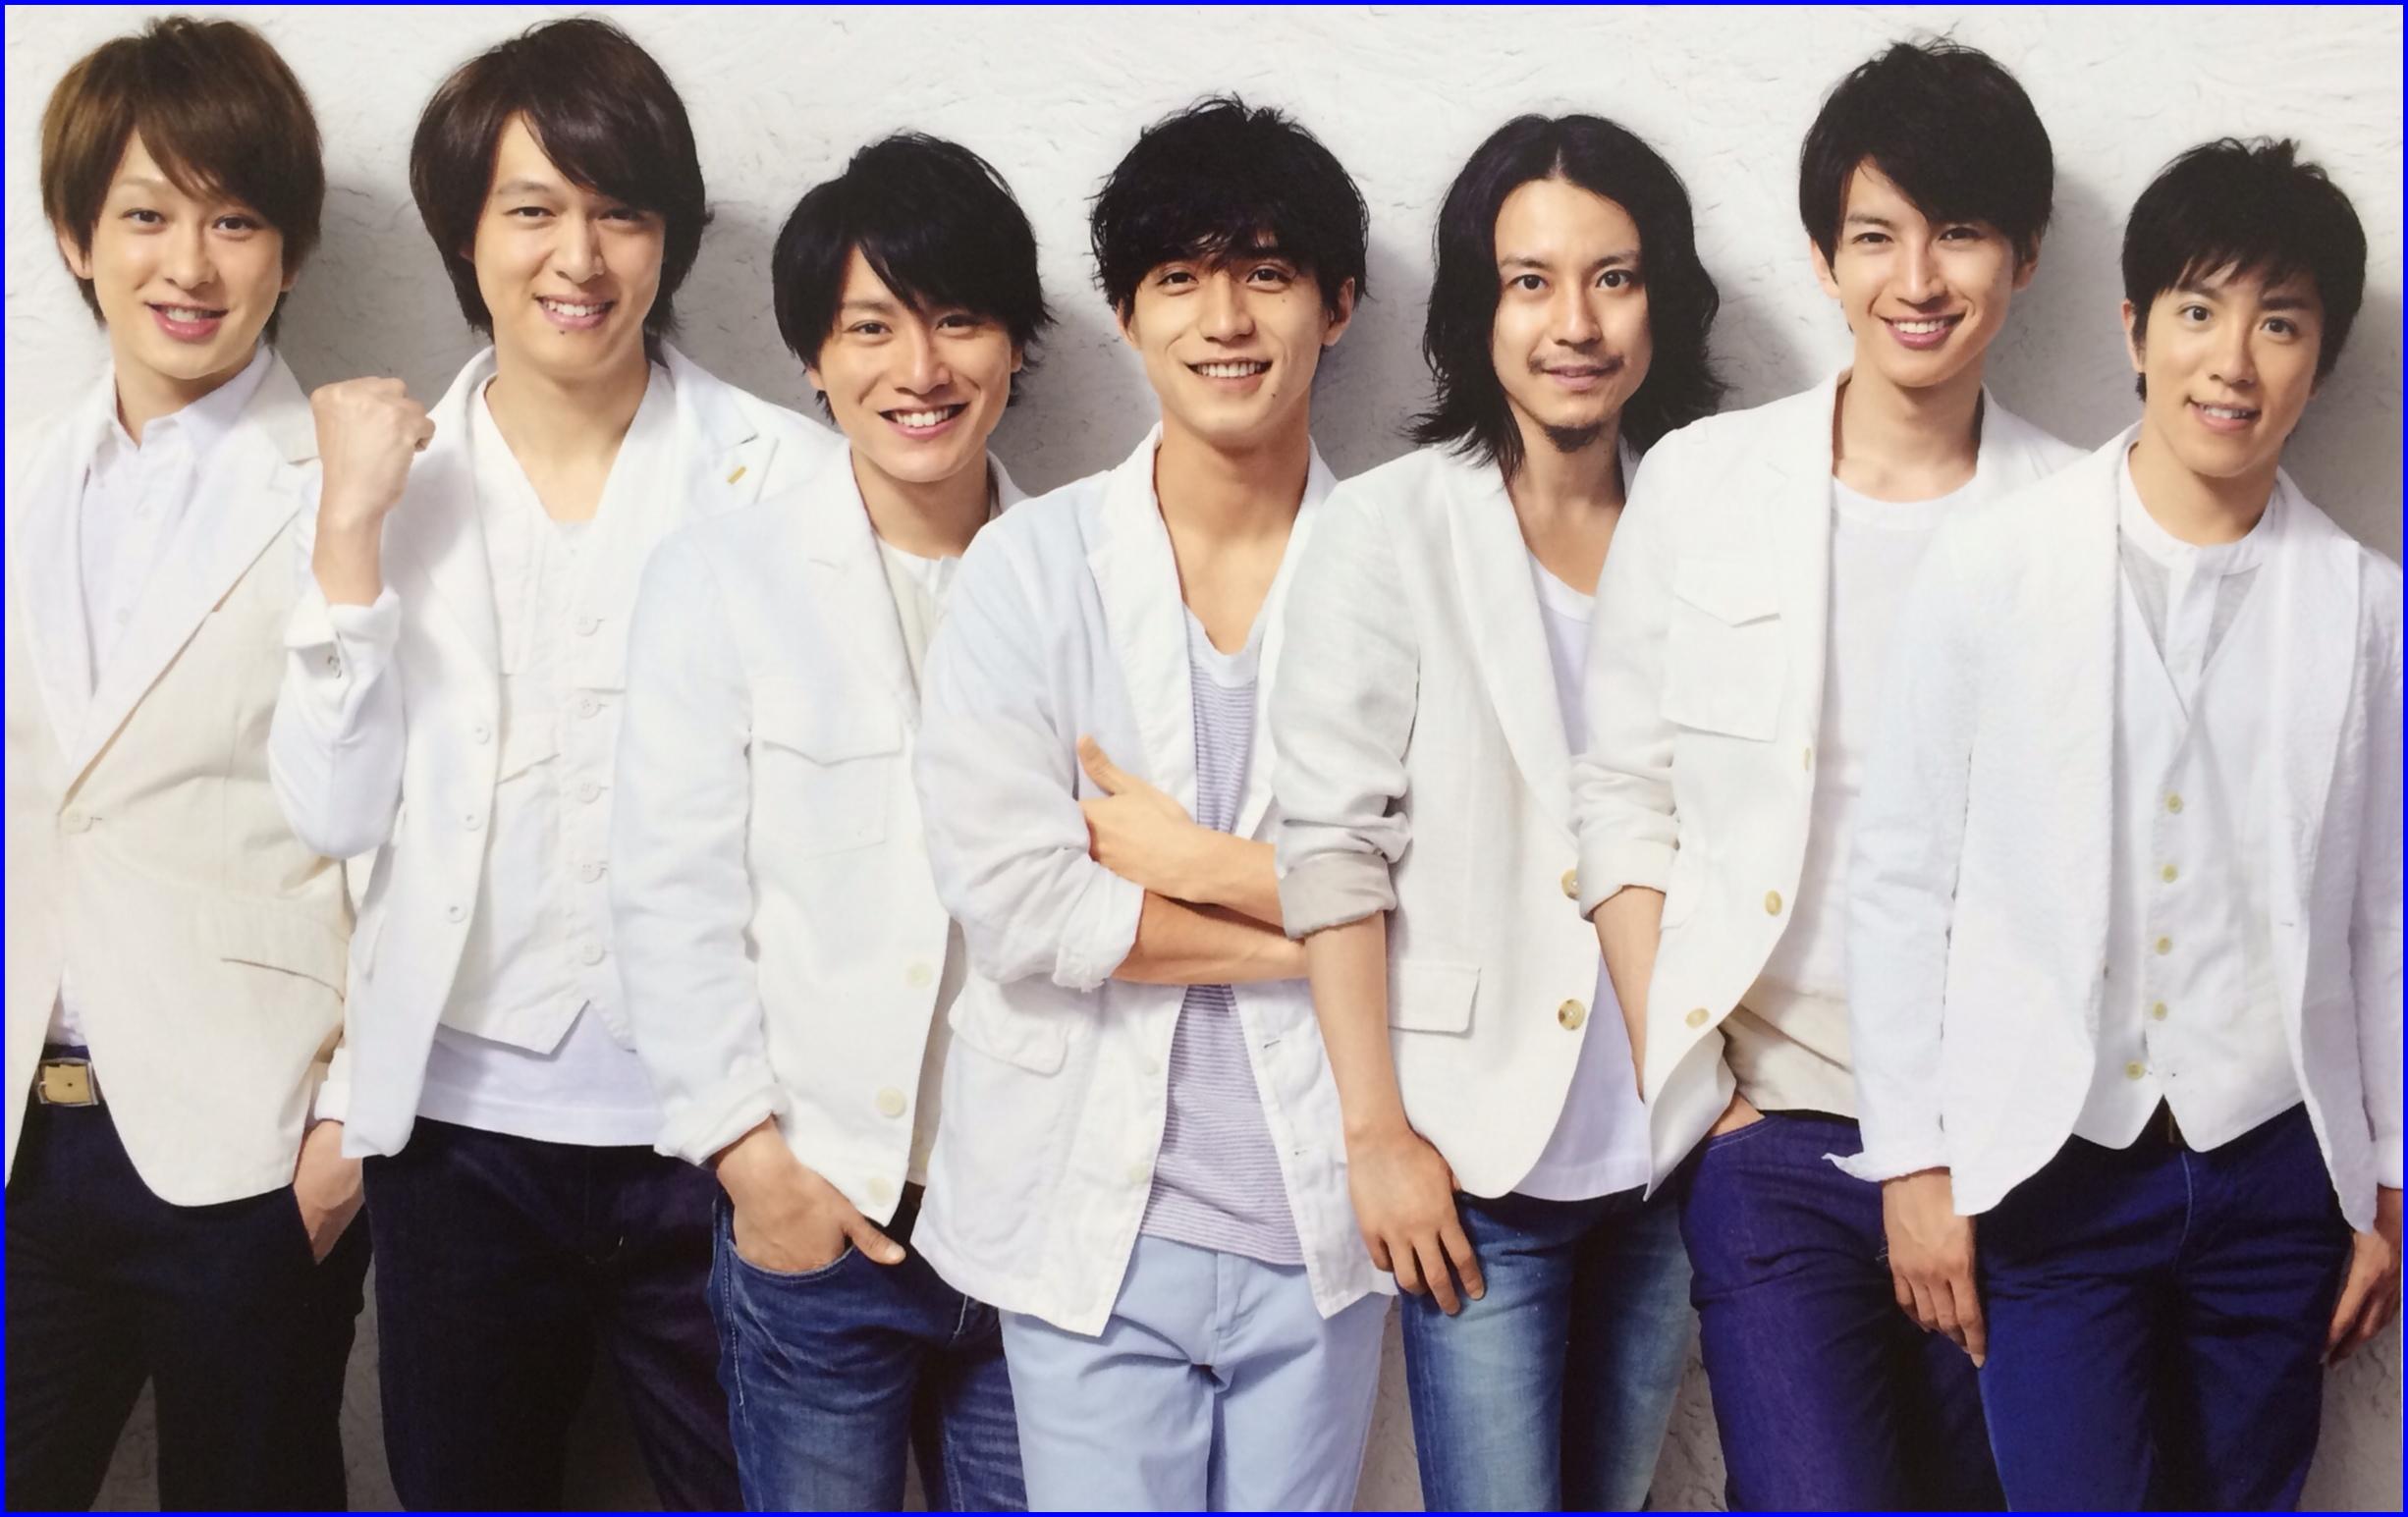 関ジャニ∞(エイト)のメンバーで仲良しコンビは?